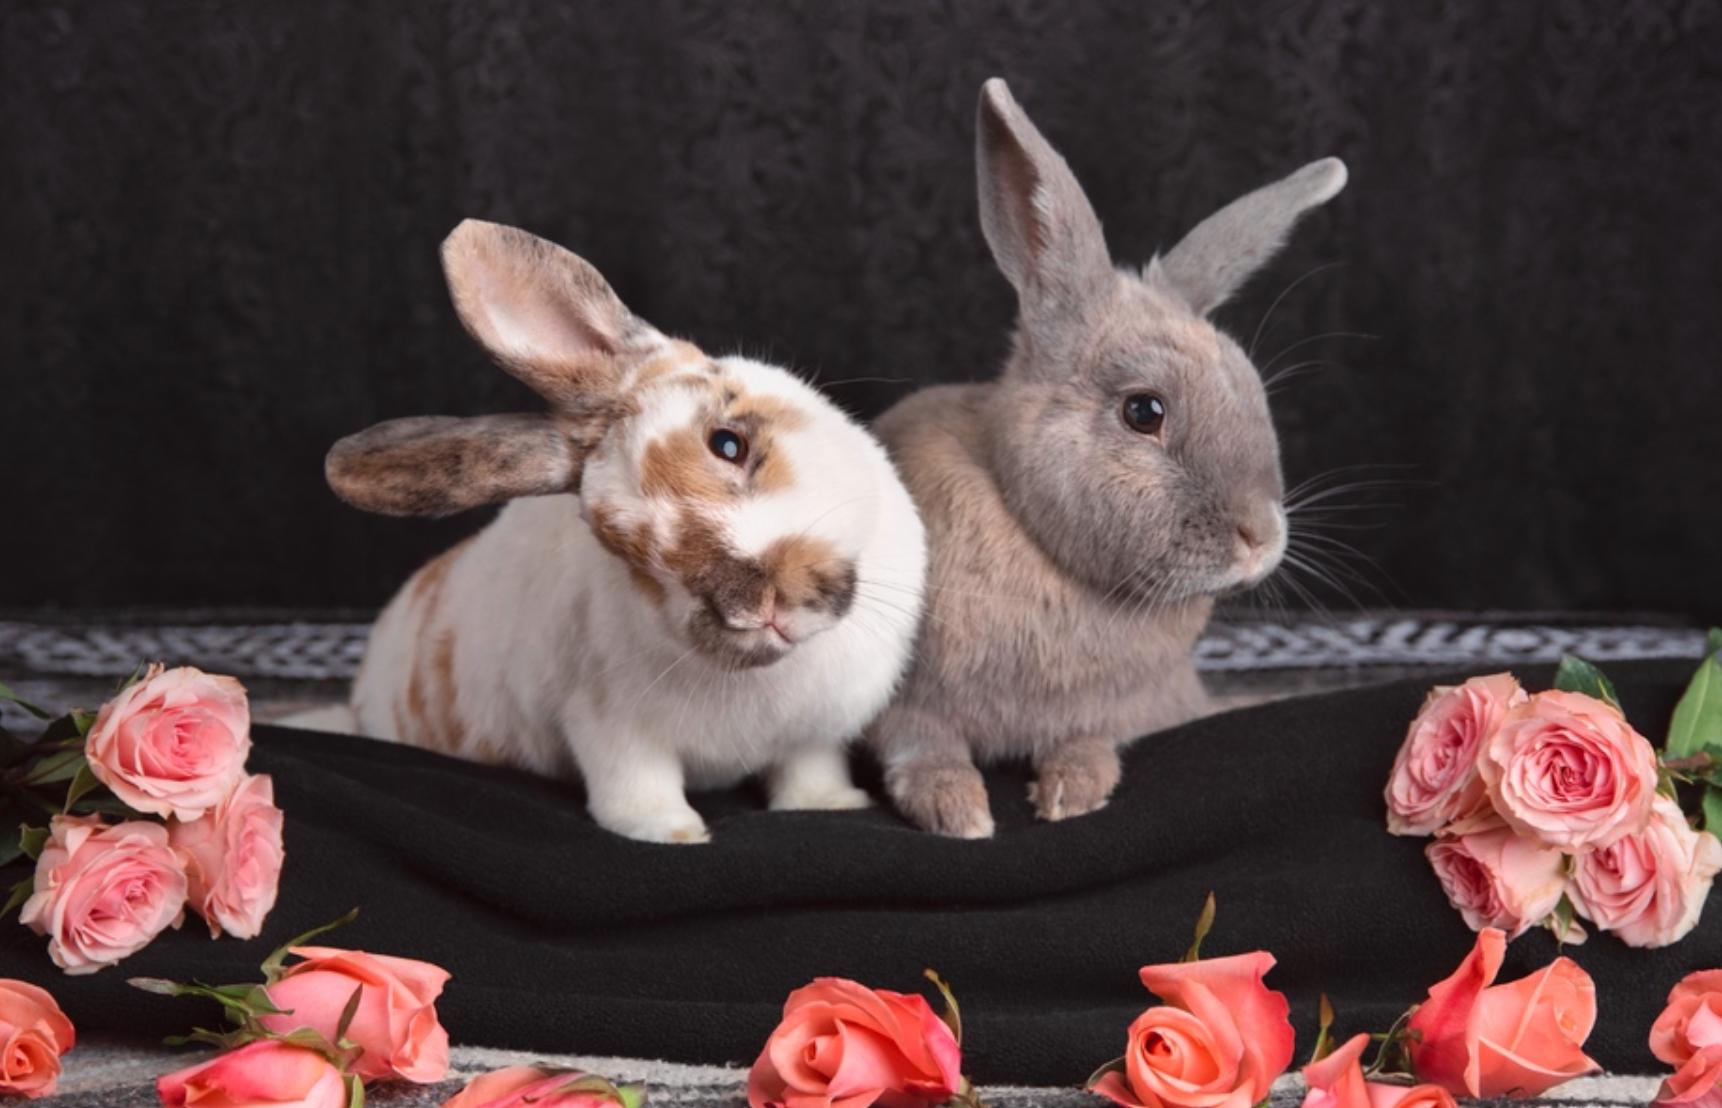 Rabbitats